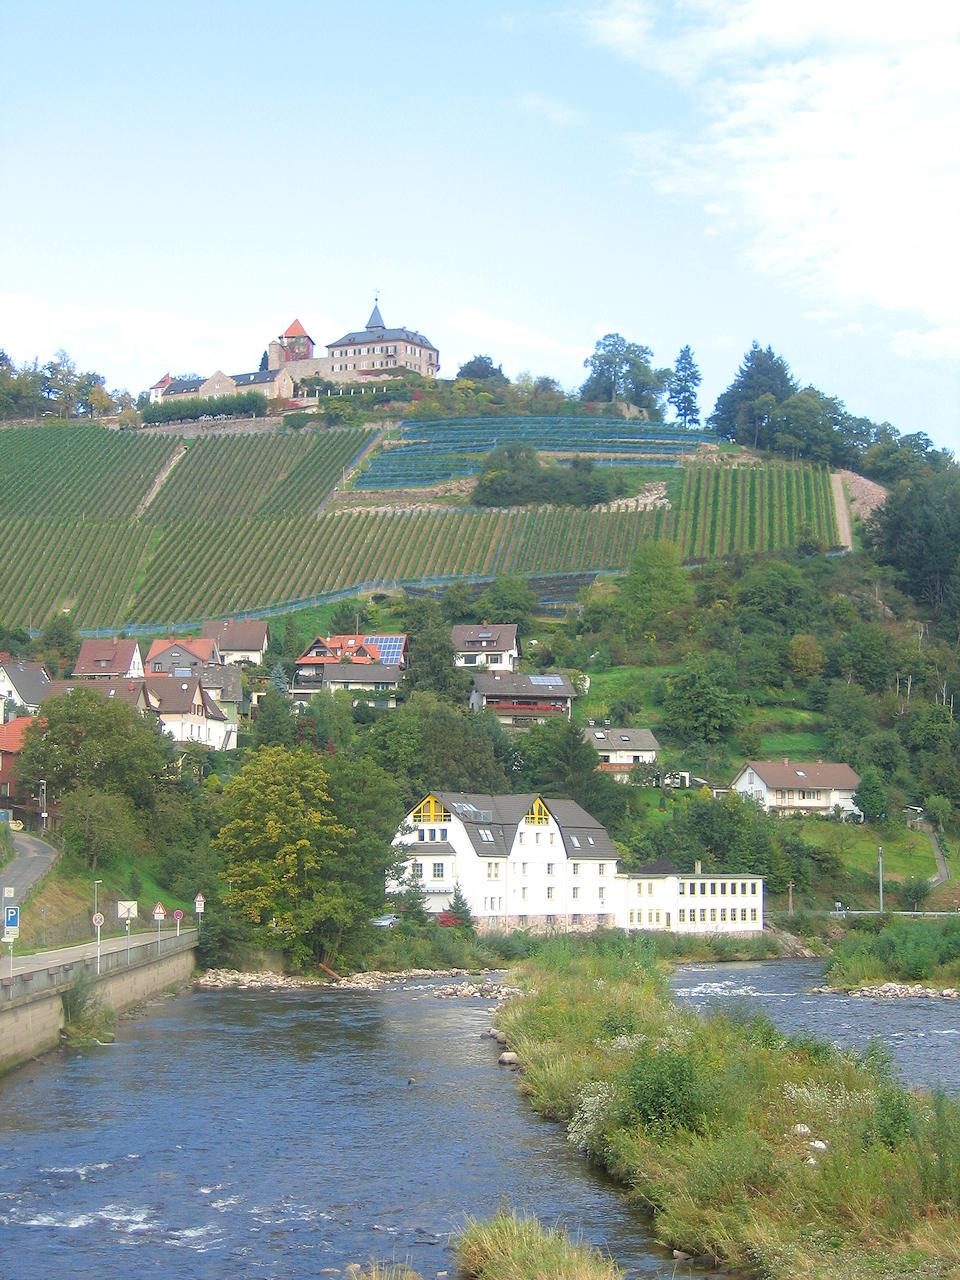 Gernsbach Scheuern